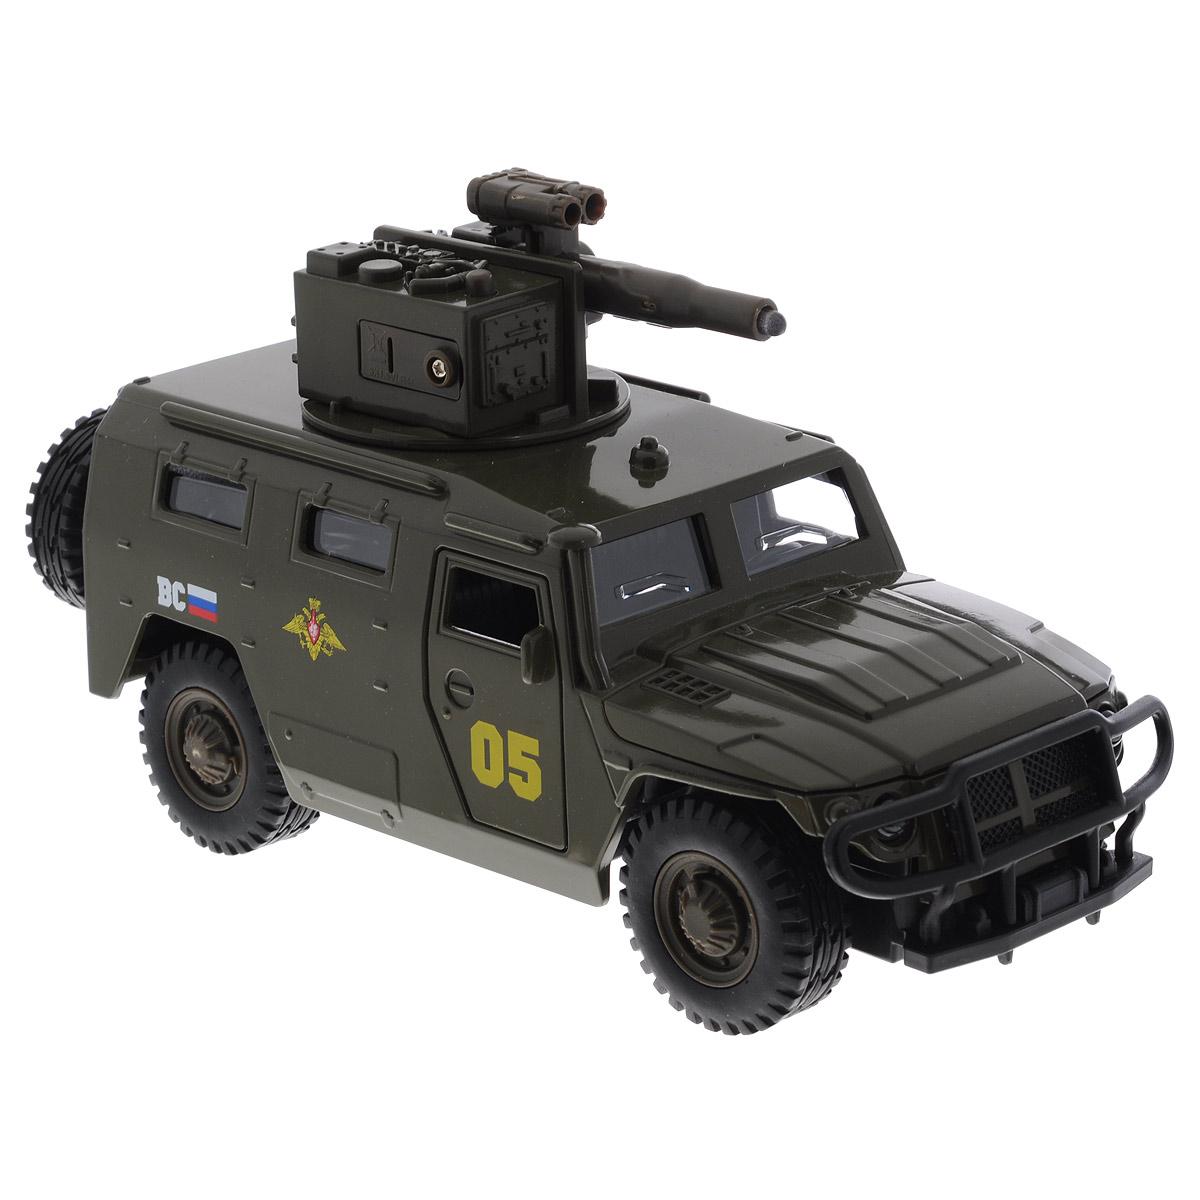 ТехноПарк Машинка ГАЗ ТигрCT12-392-G1Машинка ТехноПарк ГАЗ Тигр, выполненная из металла и пластика, станет любимой игрушкой вашего малыша. Игрушка представляет собой военный внедорожник ГАЗ Тигр, оснащенный открывающимися дверьми, капотом и багажником, а также вращающейся башней с пушкой. При нажатии кнопки на пушке кончик дула начинает светиться, при этом слышны звуки стрельбы и команды Огонь! В атаку!. Прорезиненные колеса обеспечивают надежное сцепление с любой поверхностью пола. Ваш ребенок будет часами играть с этой машинкой, придумывая различные истории. Порадуйте его таким замечательным подарком! Машинка работает от батареек (товар комплектуется демонстрационными).